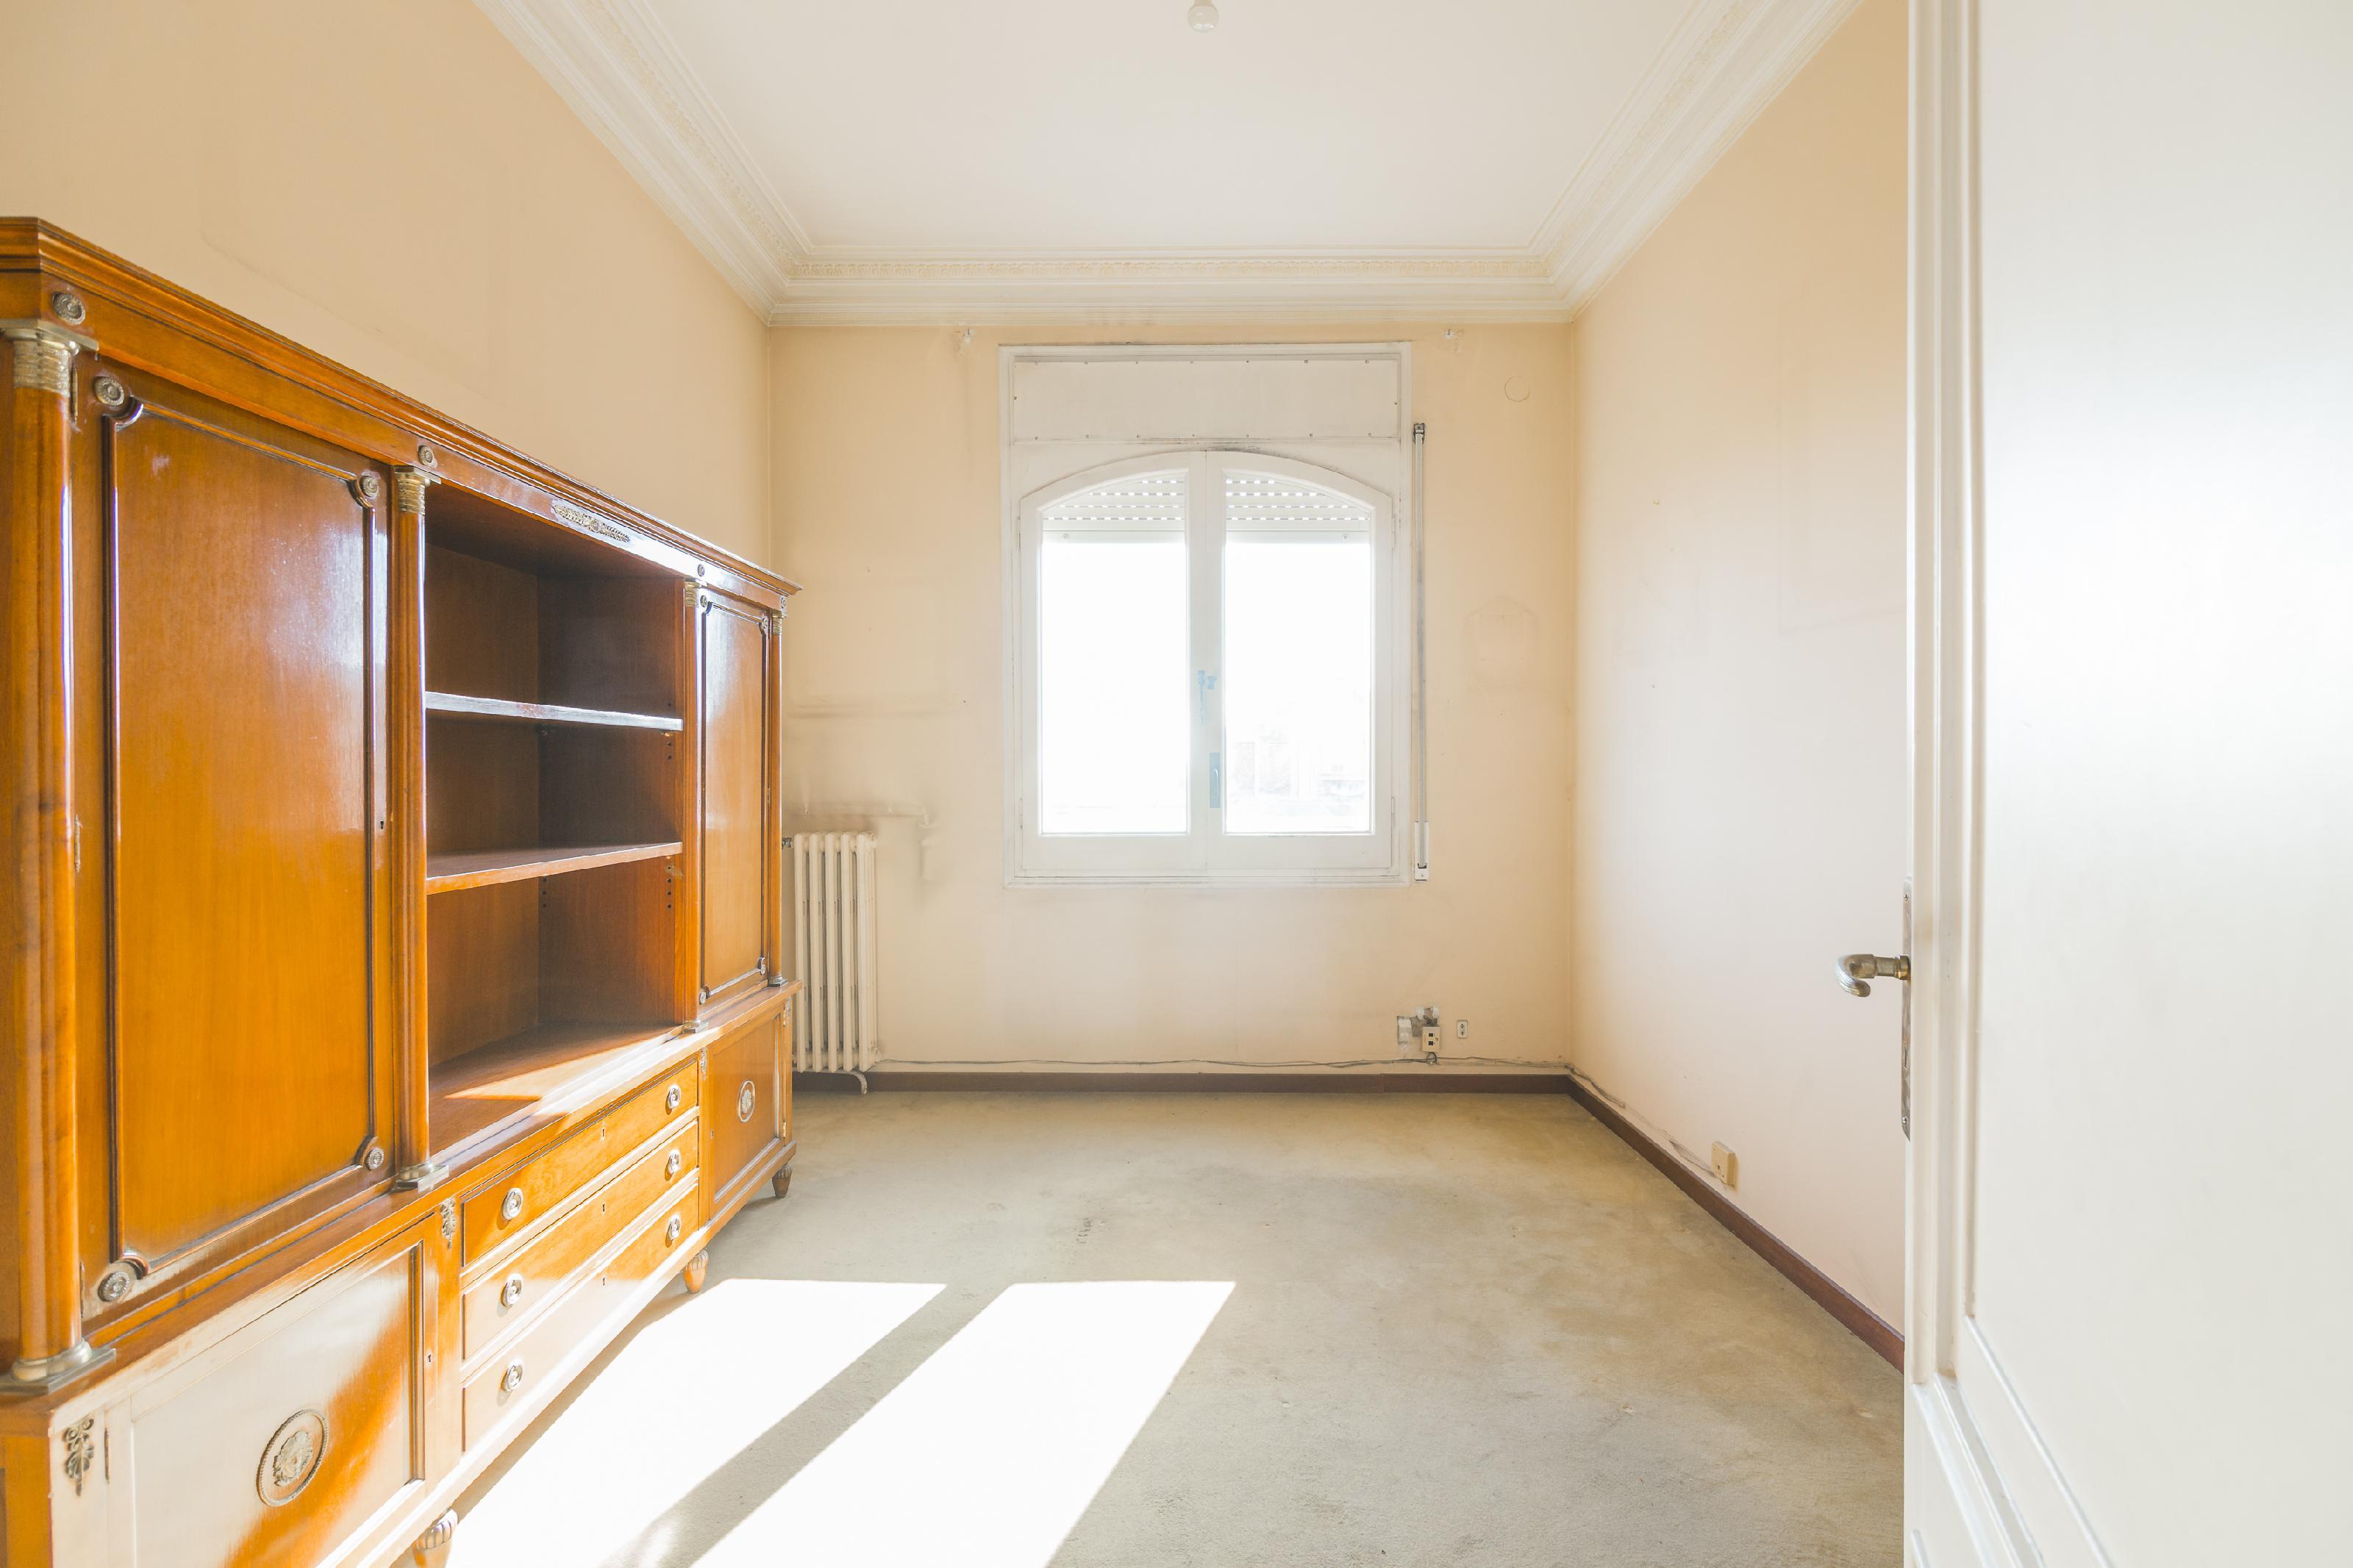 246643 Penthouse for sale in Sarrià-Sant Gervasi, St. Gervasi-Bonanova 13